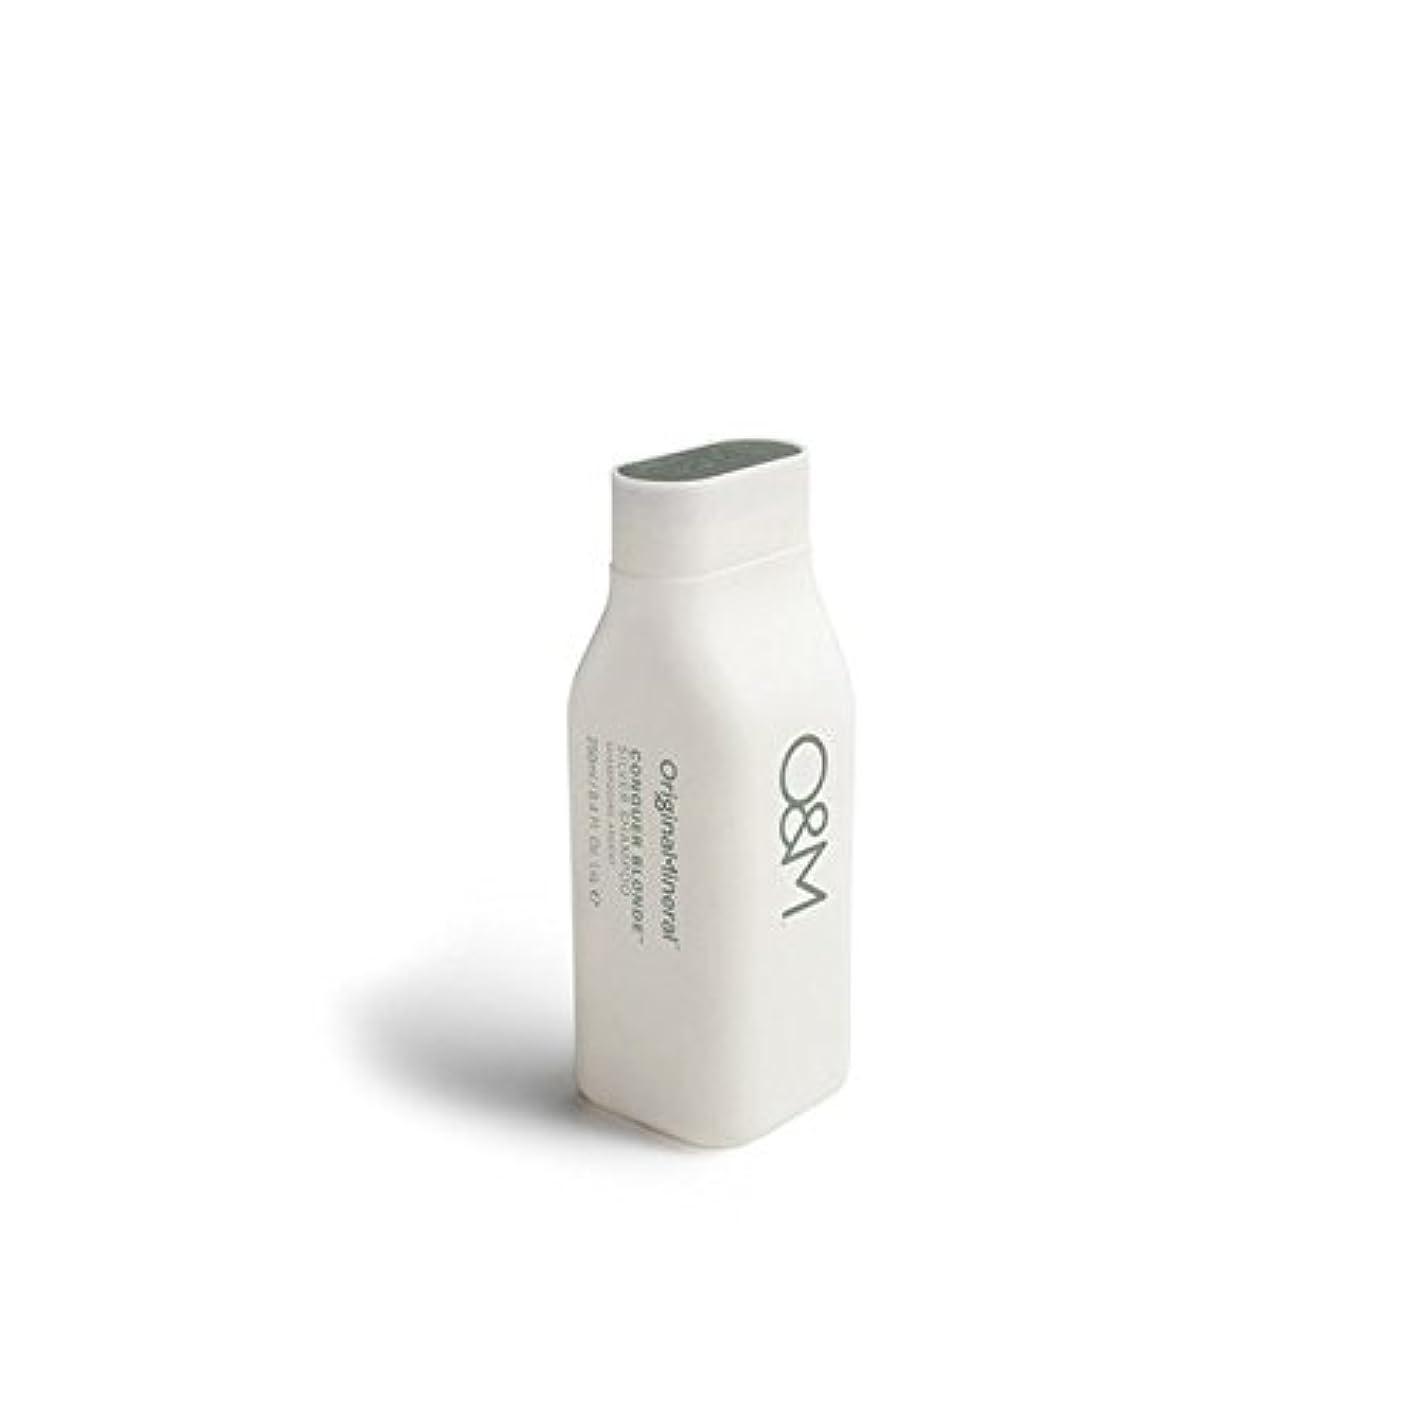 申請中突撃上昇オリジナル&ミネラル統治ブロンド銀シャンプー(250ミリリットル) x4 - Original & Mineral Conquer Blonde Silver Shampoo (250ml) (Pack of 4) [並行輸入品]